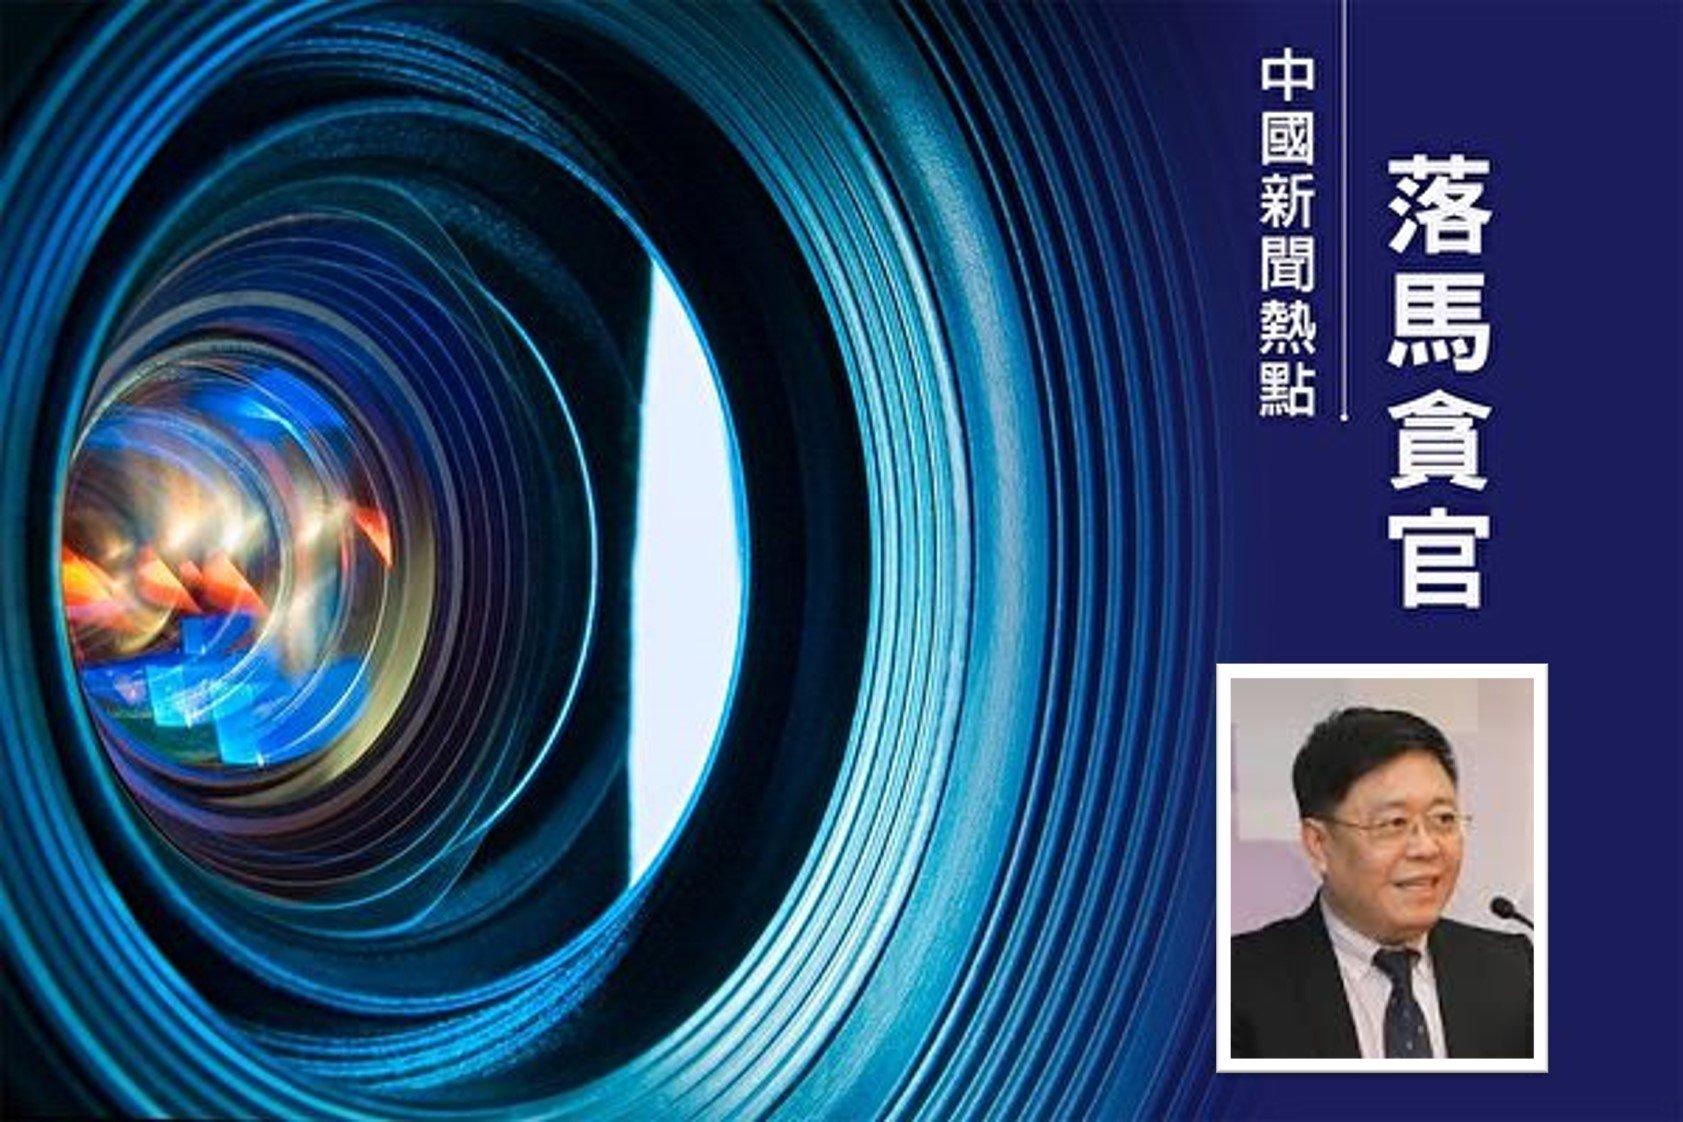 上海海利生物技術股份有限公司董事長張海明日前被刑事拘留,取保候審。(大紀元合成圖片)